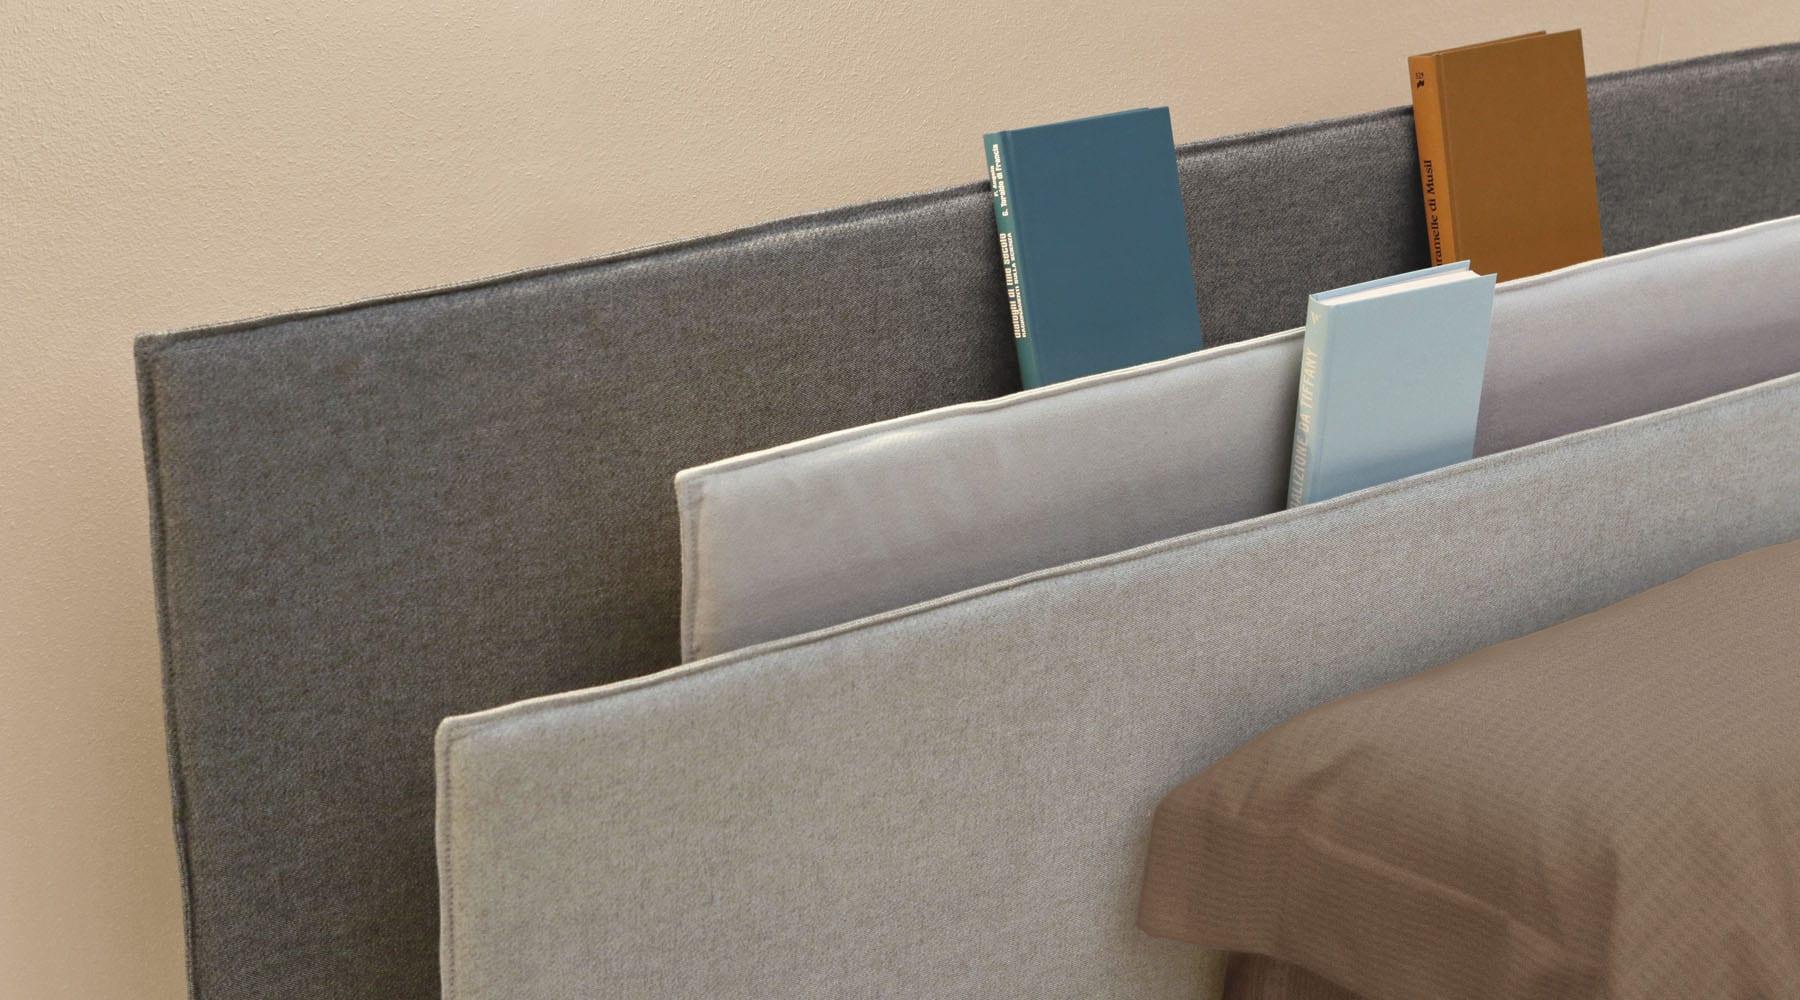 schlafzimmer ideen für moderne einrichtung mit modernen schlafzimmermöbeln in grau